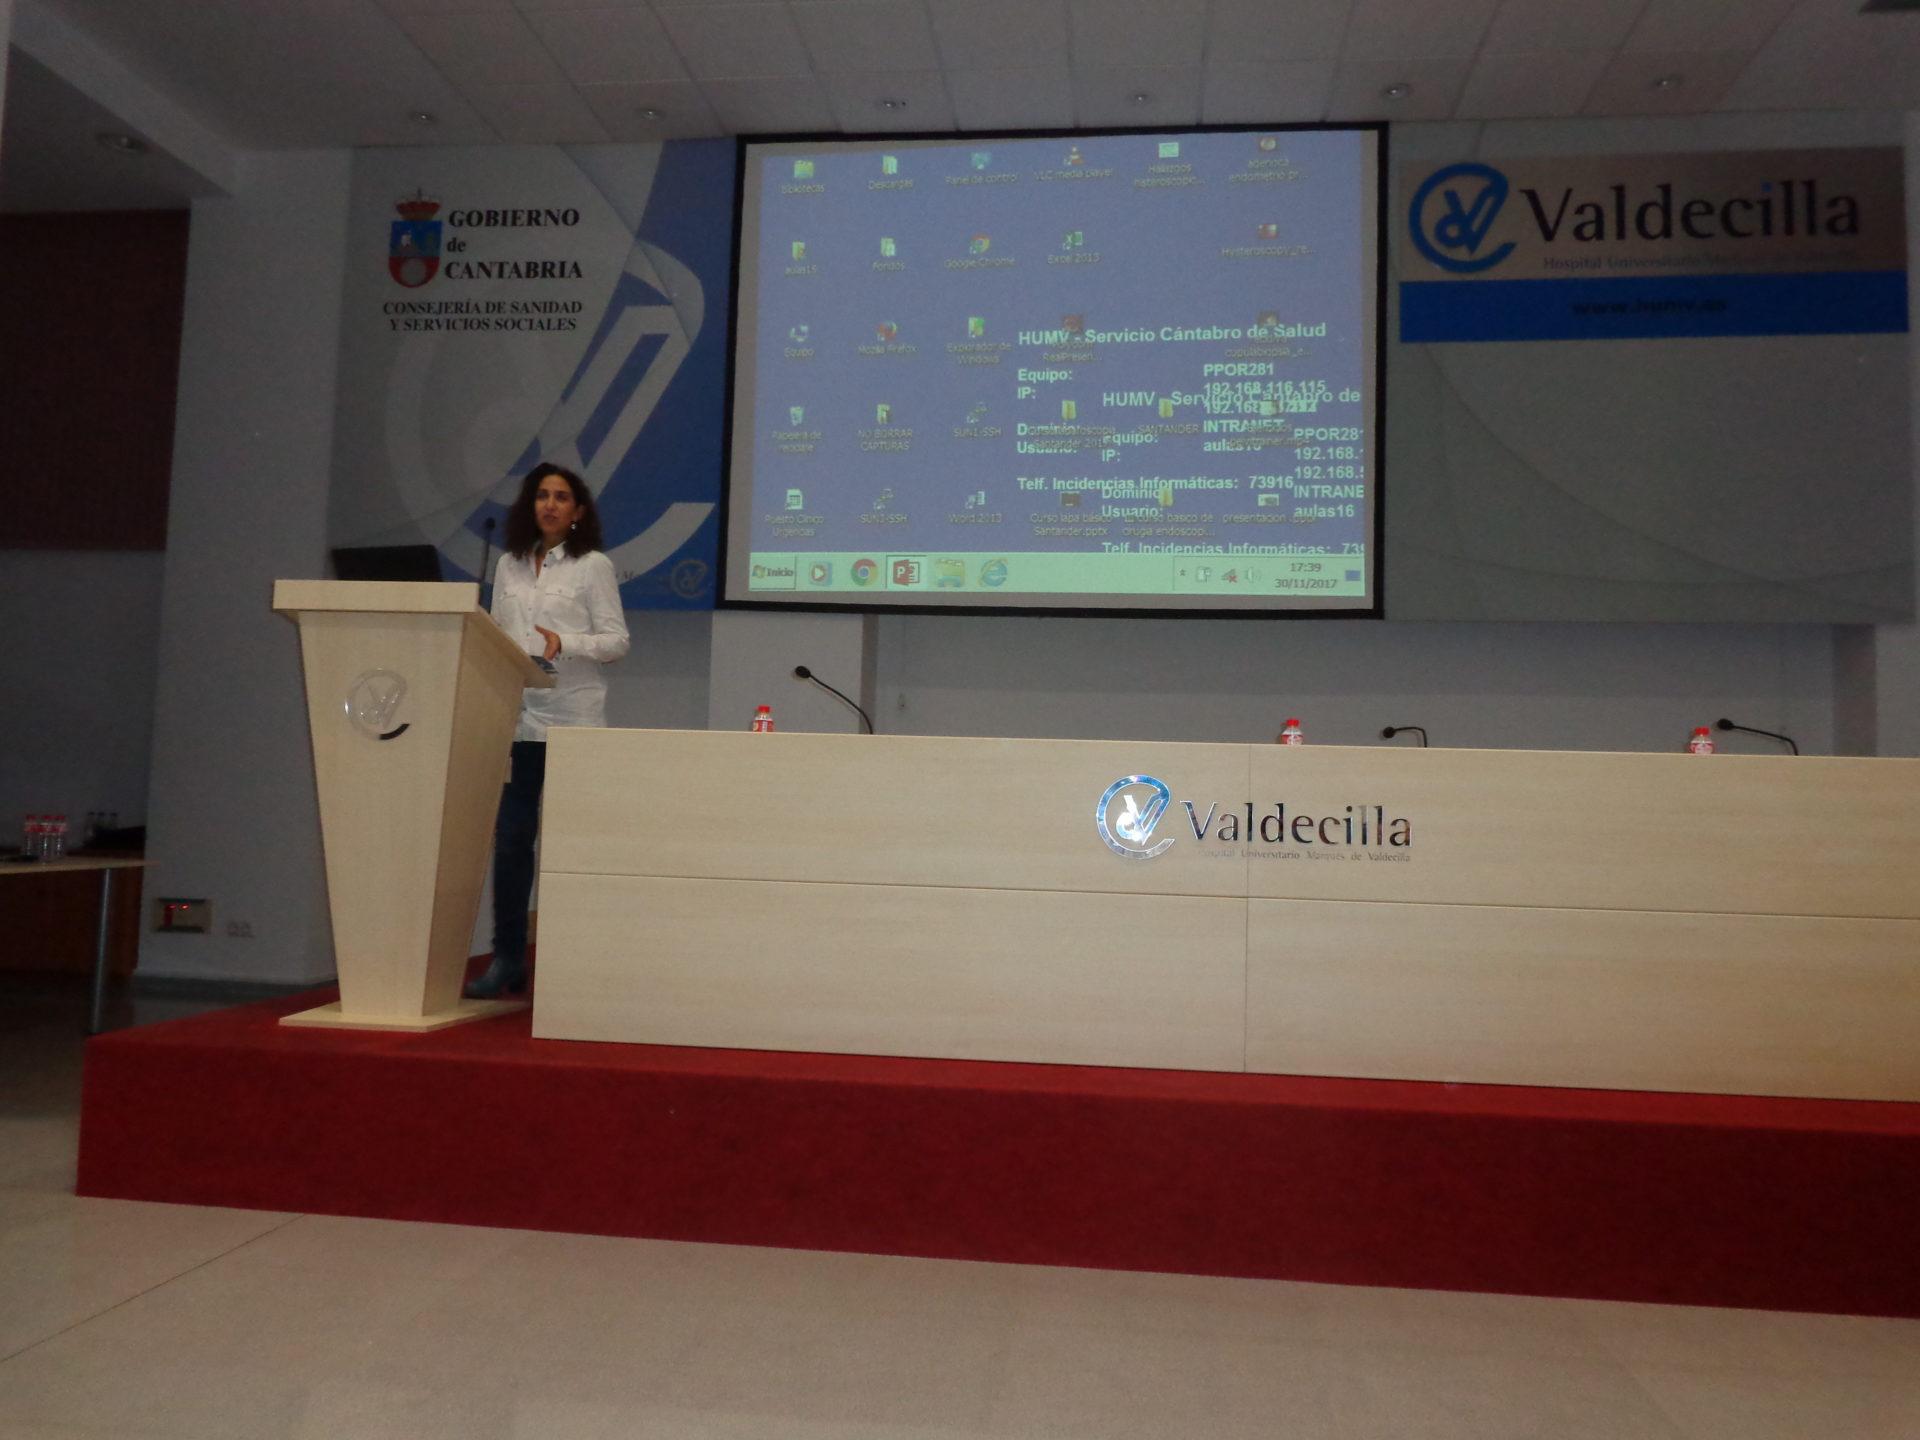 La Doctora Mora durante su ponencia en Valdecilla